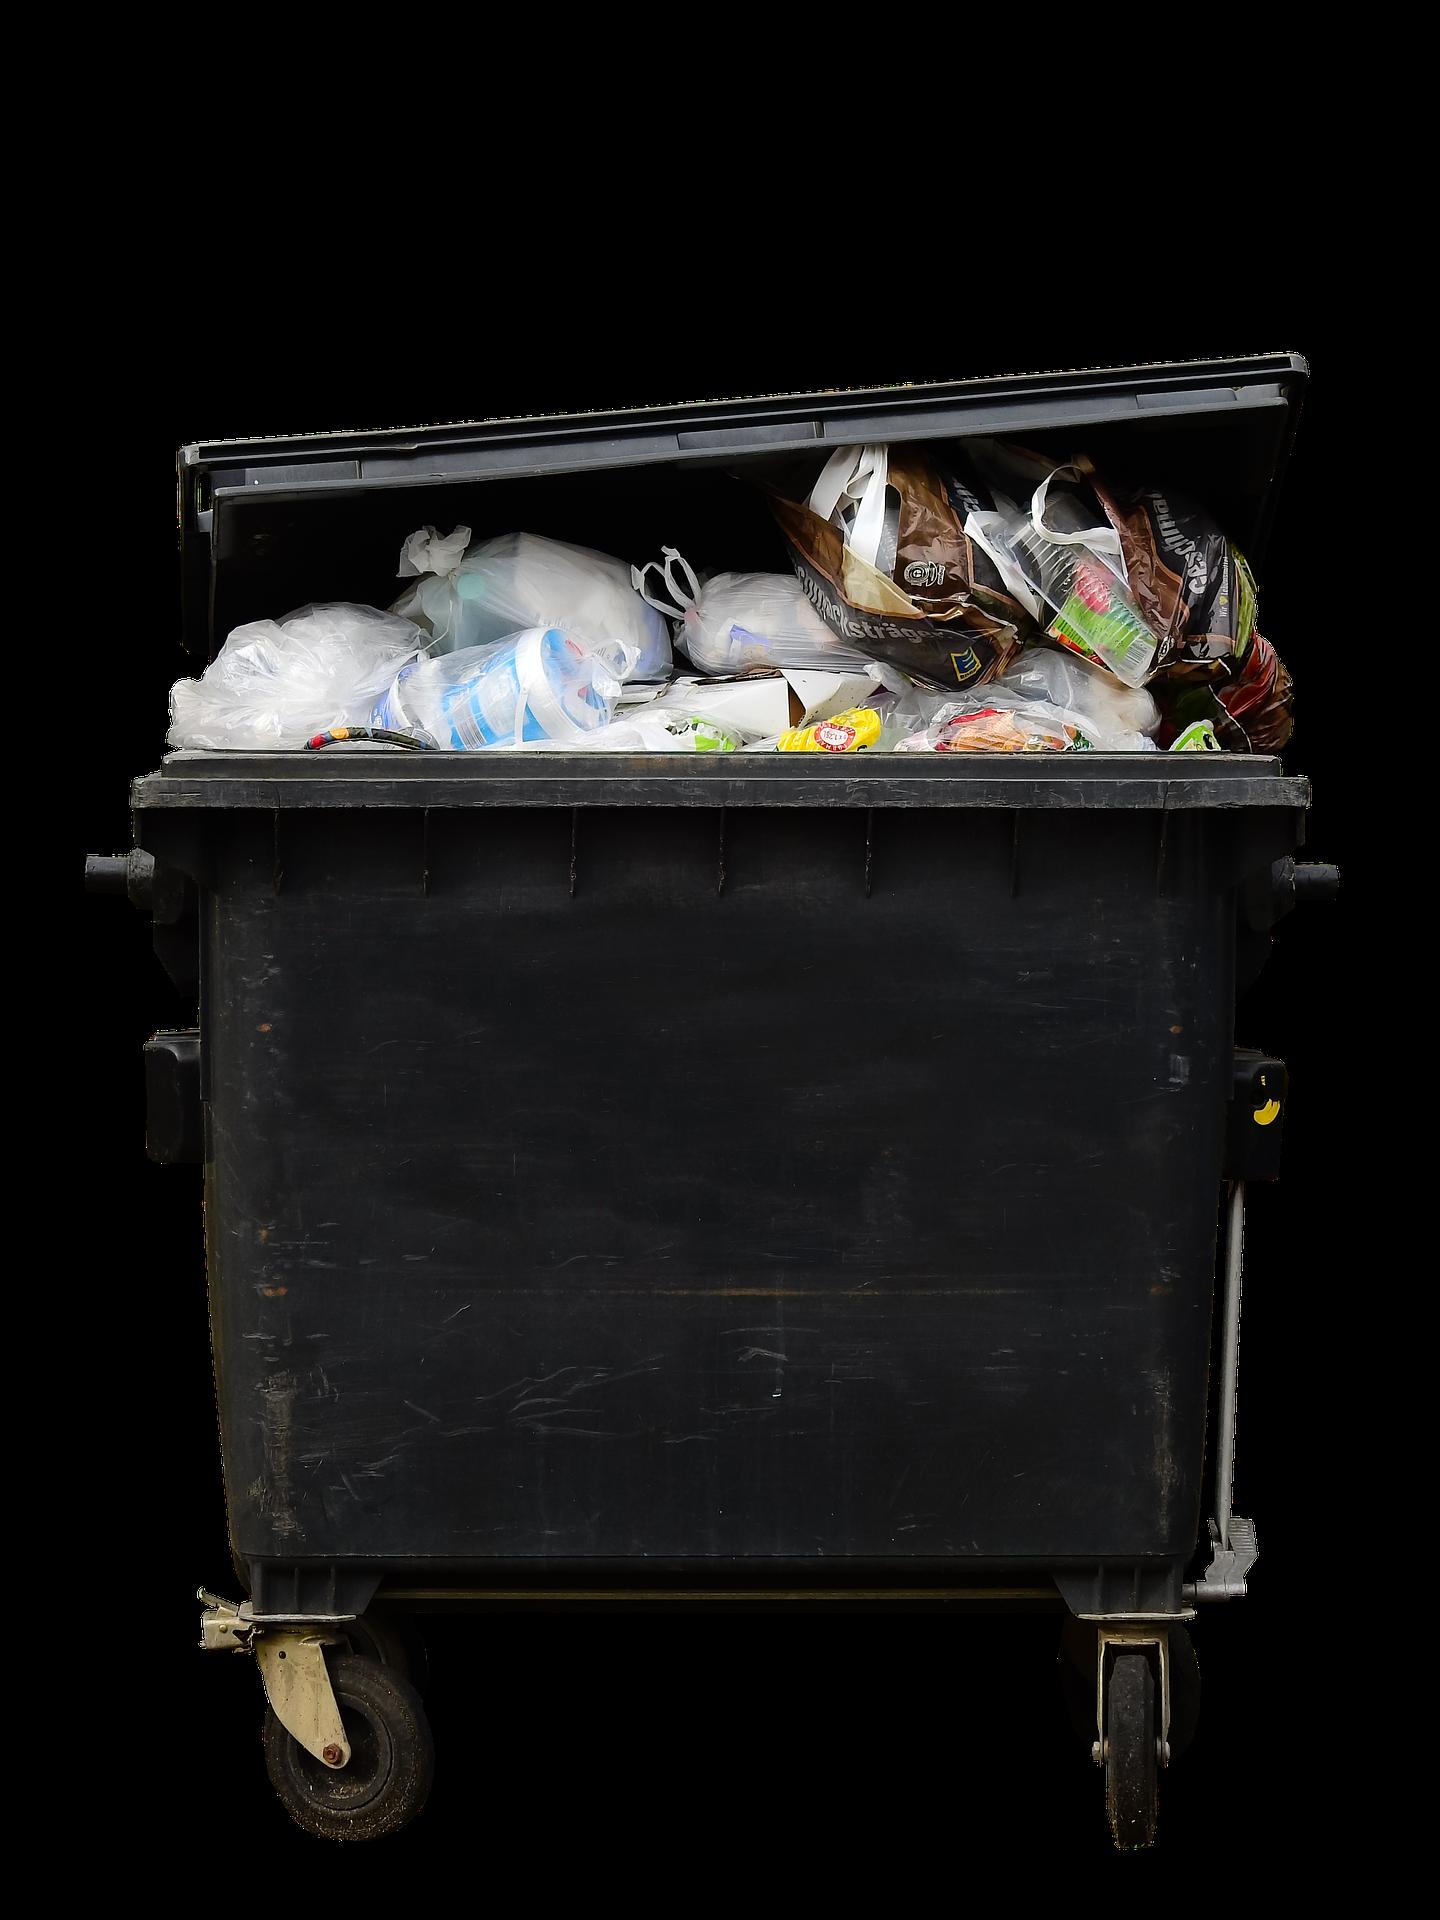 garbage-1308138_1920